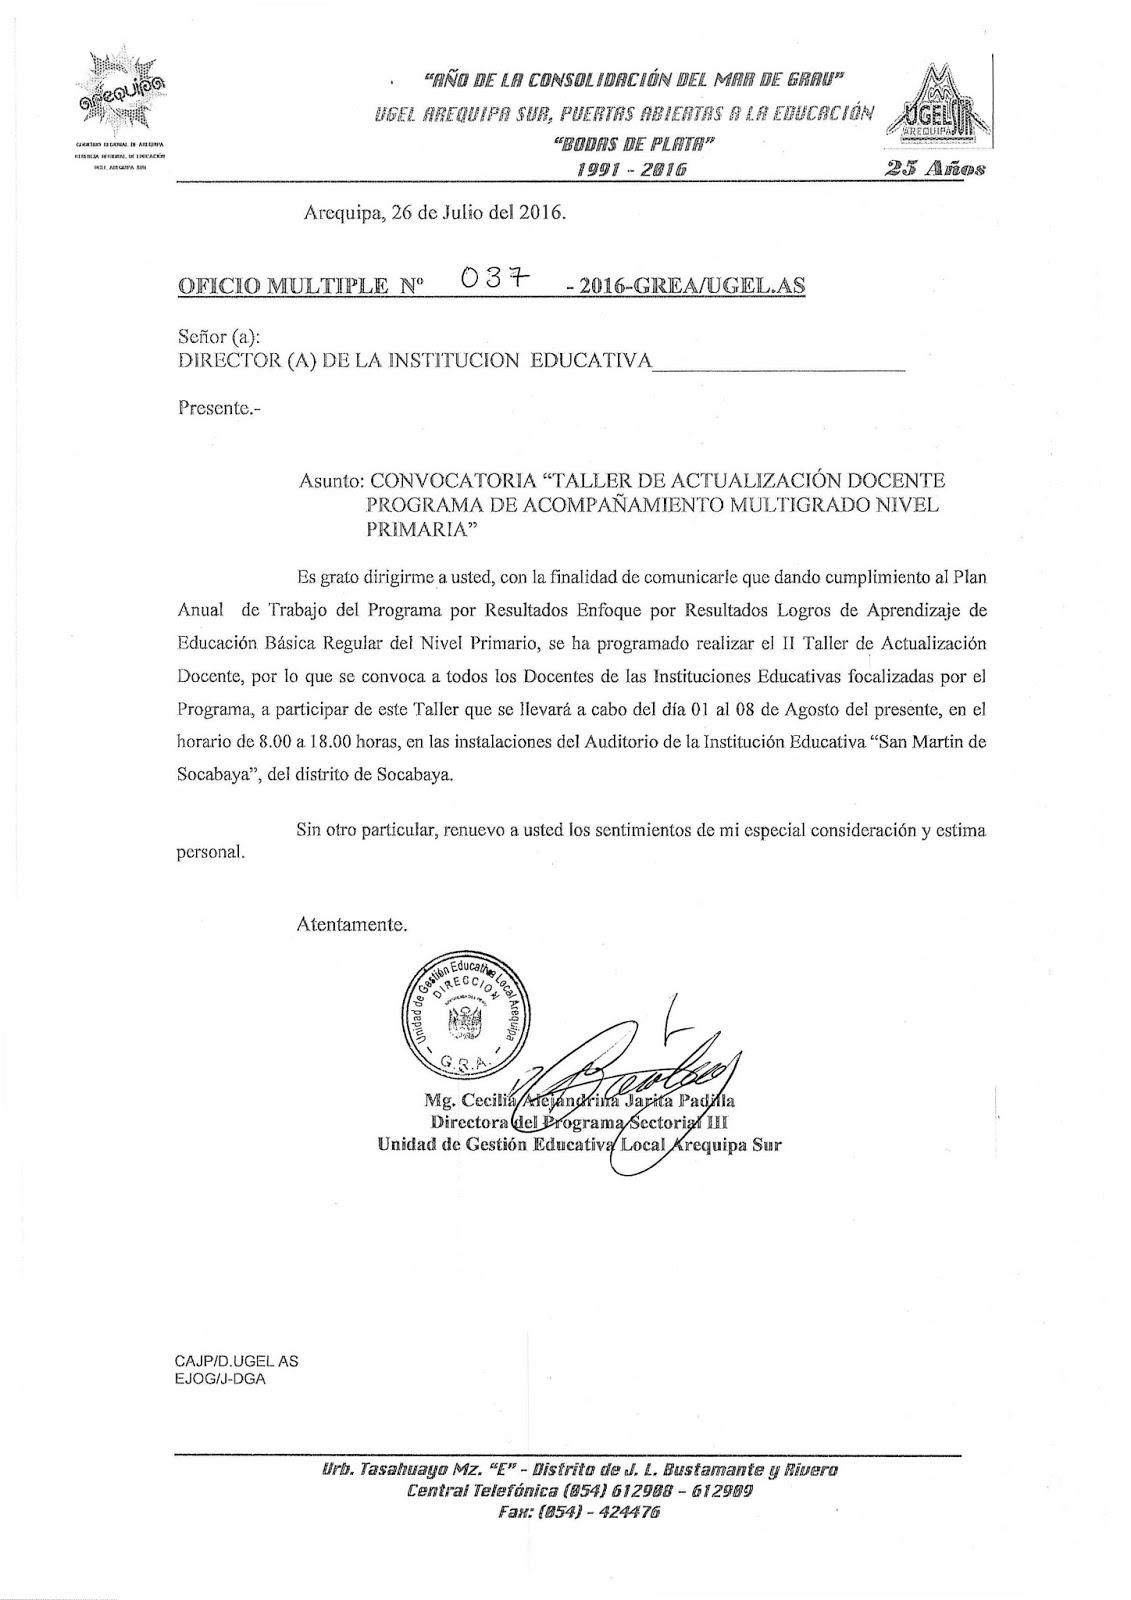 Convocatoria taller de capacitaci n docente programa de for Convocatoria para docentes